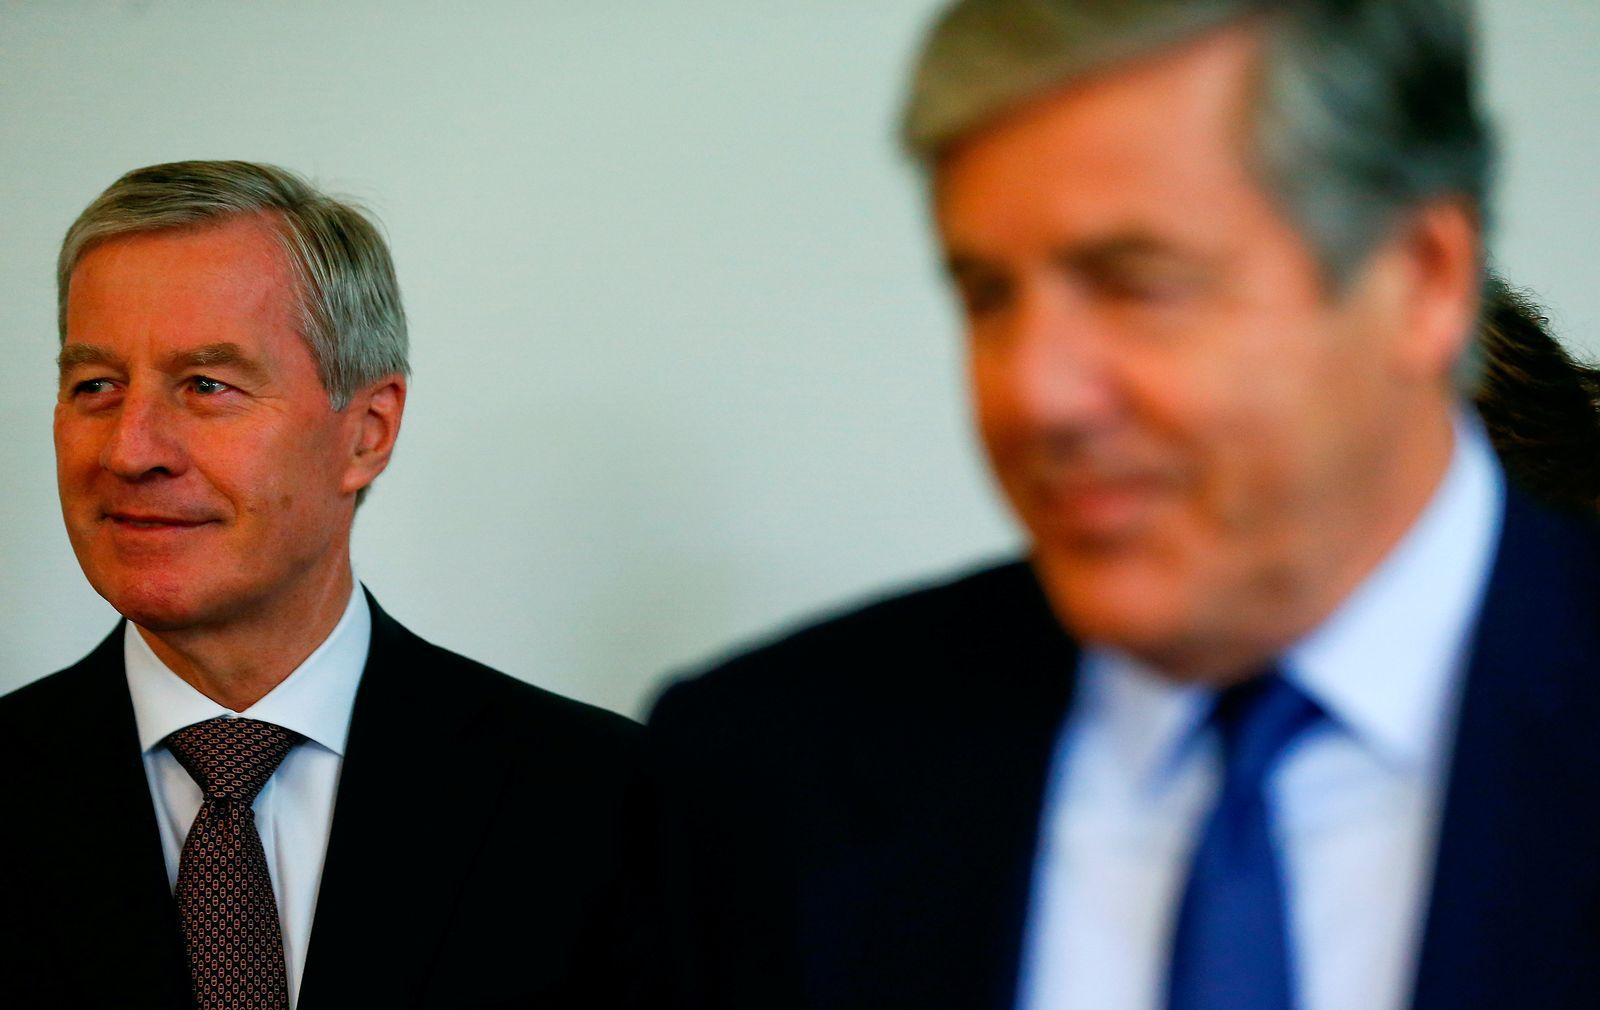 DEUTSCHE BANK-CEO/COURT